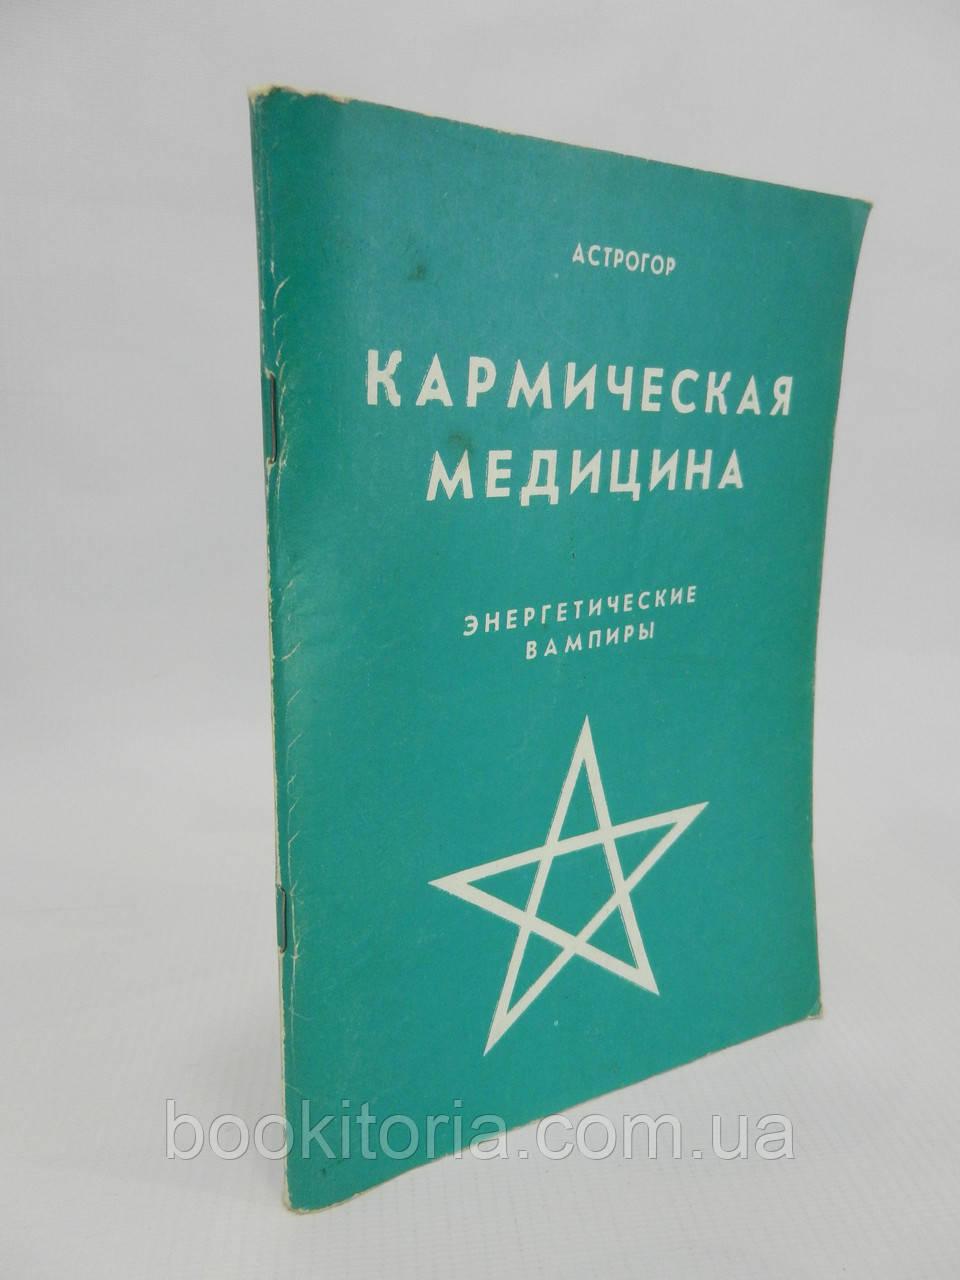 Астрогор. Кармическая медицина. Кн. 1. (б/у).